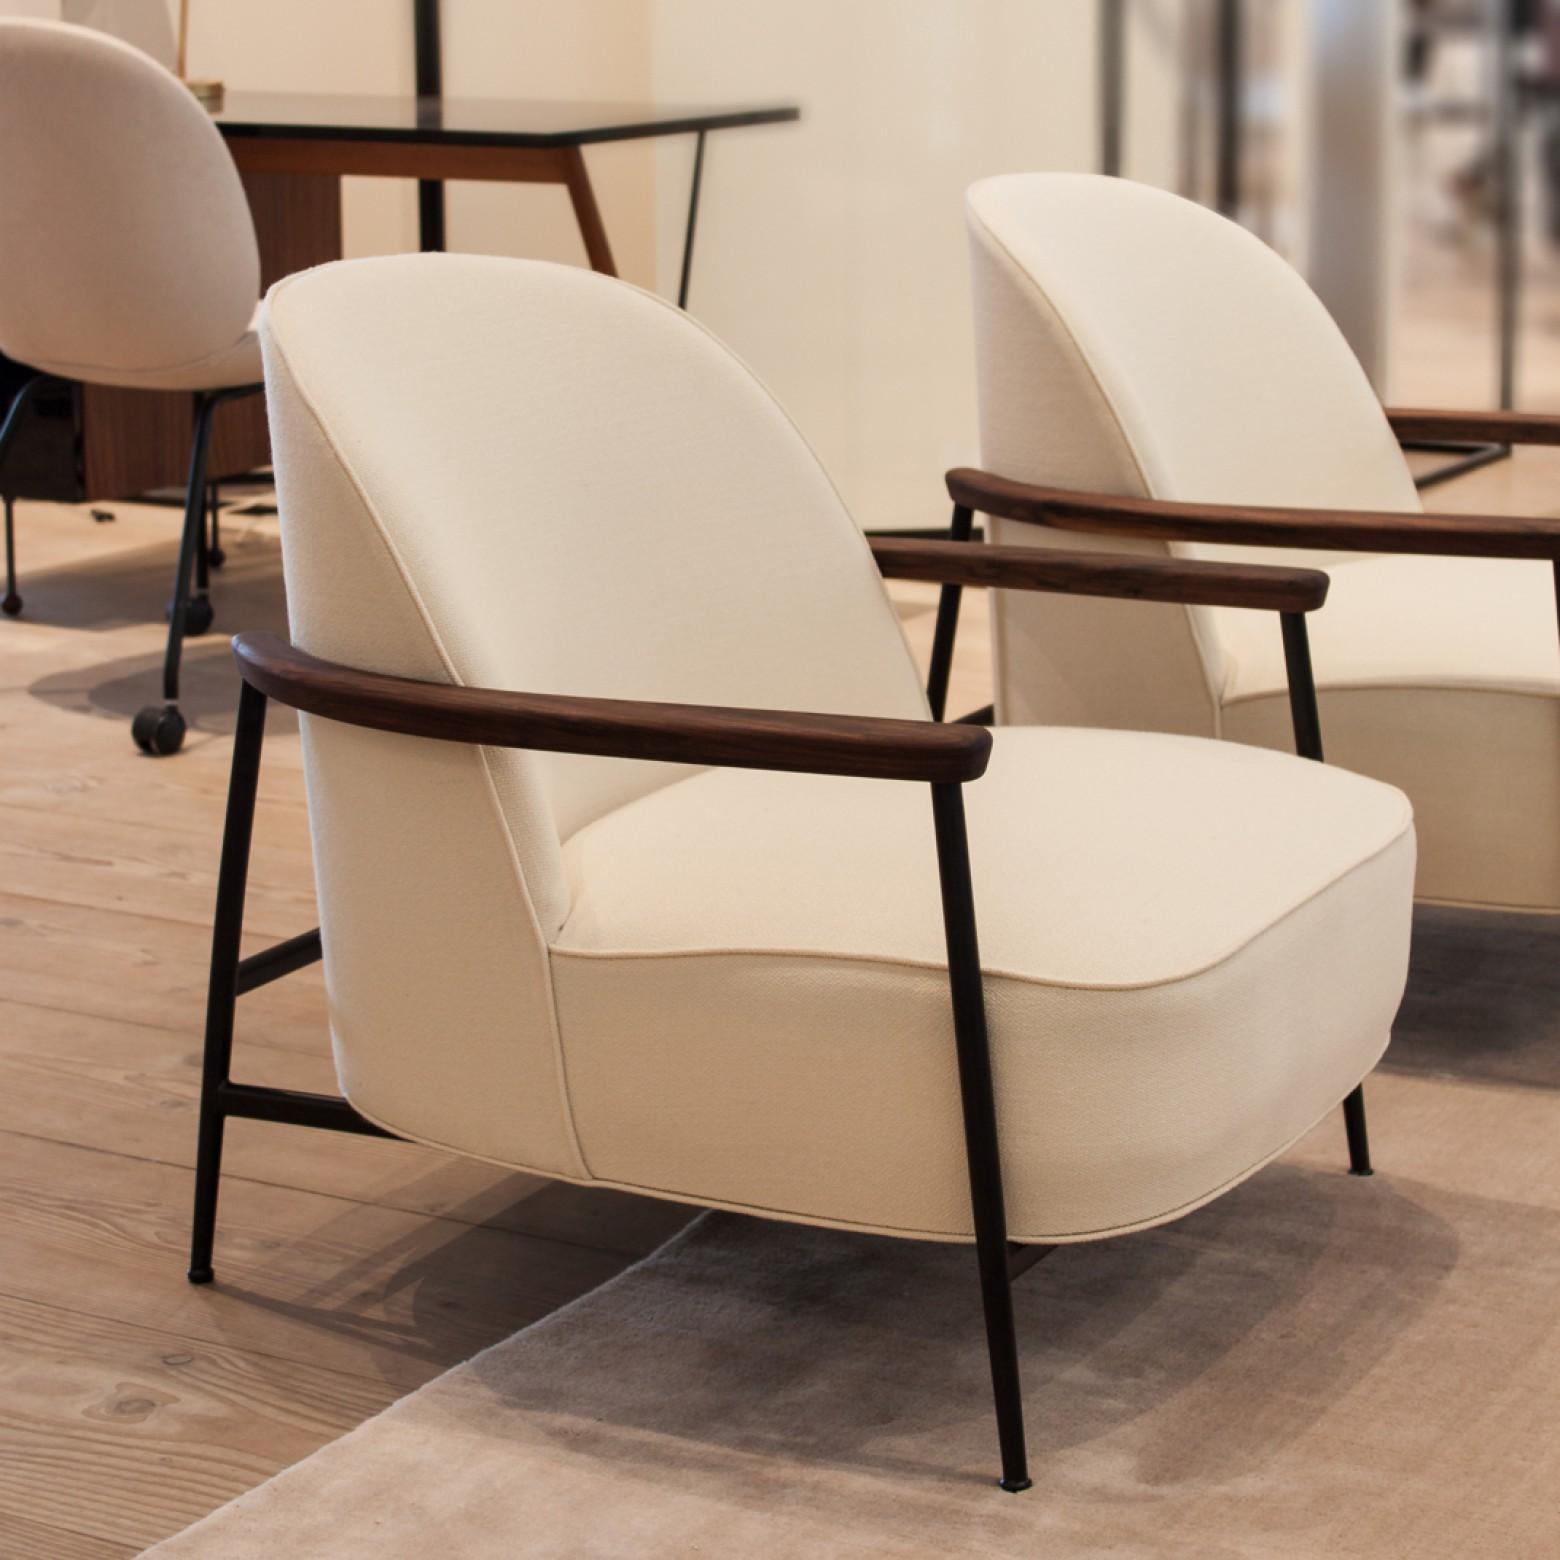 Nieuw: Mammoth Lounge Chair (versie met armleuningen) van GamFratesi  Victors Design Agency